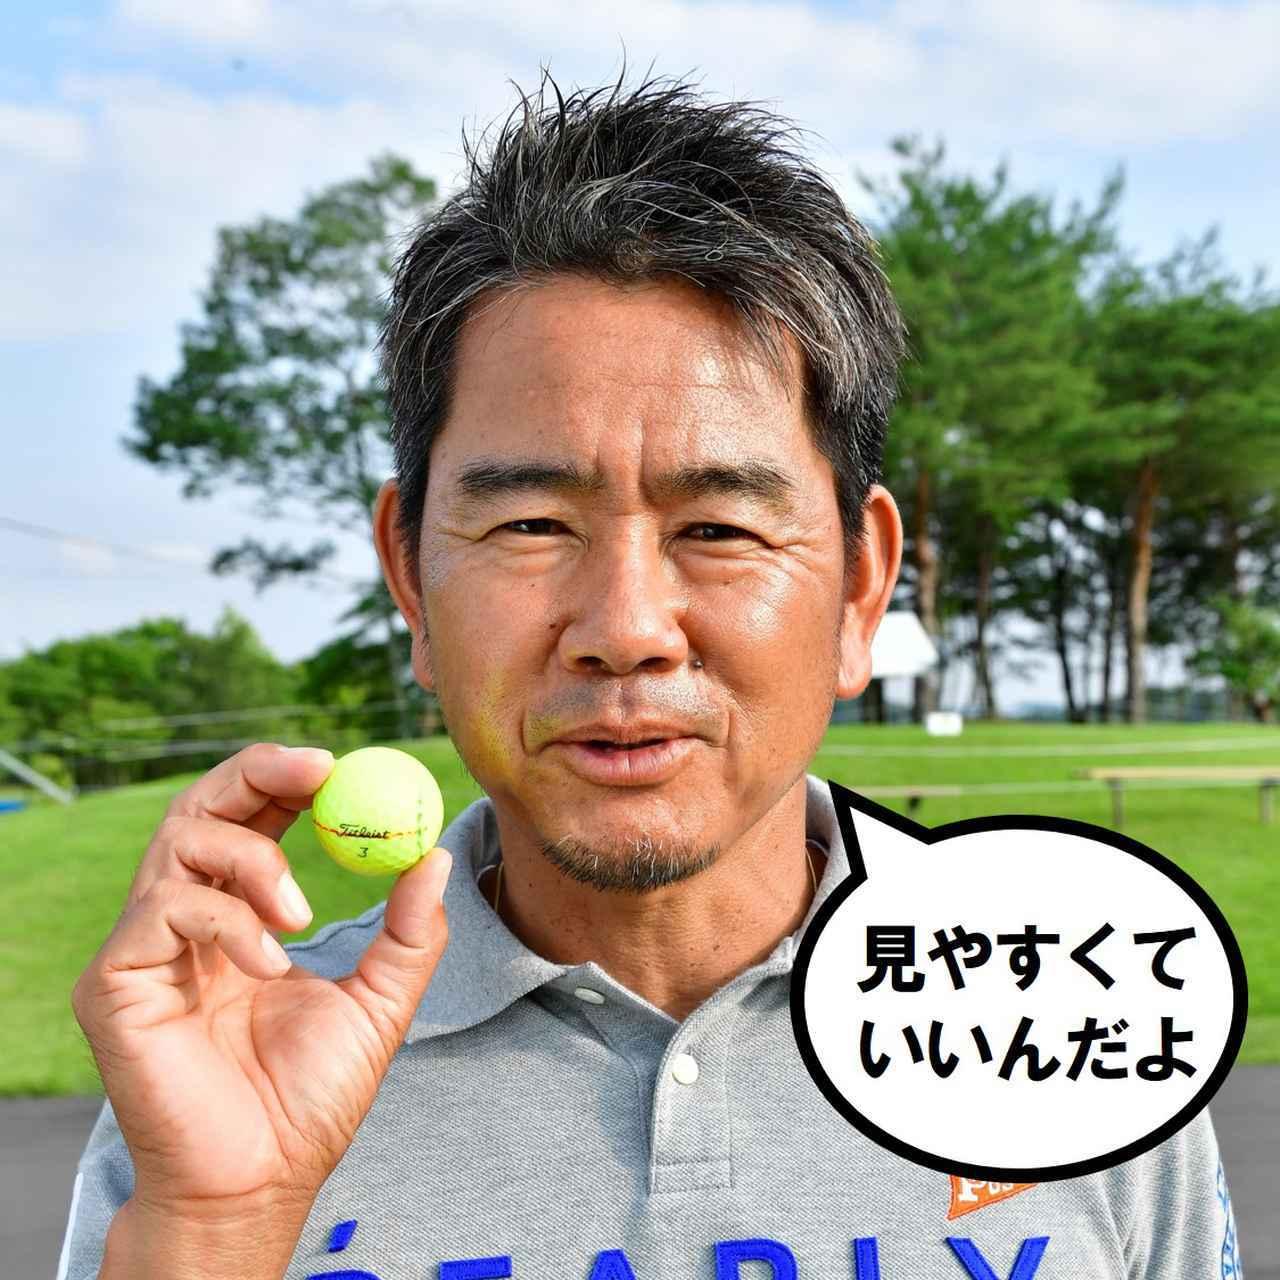 画像: 藤田寛之もイエローボールを使用